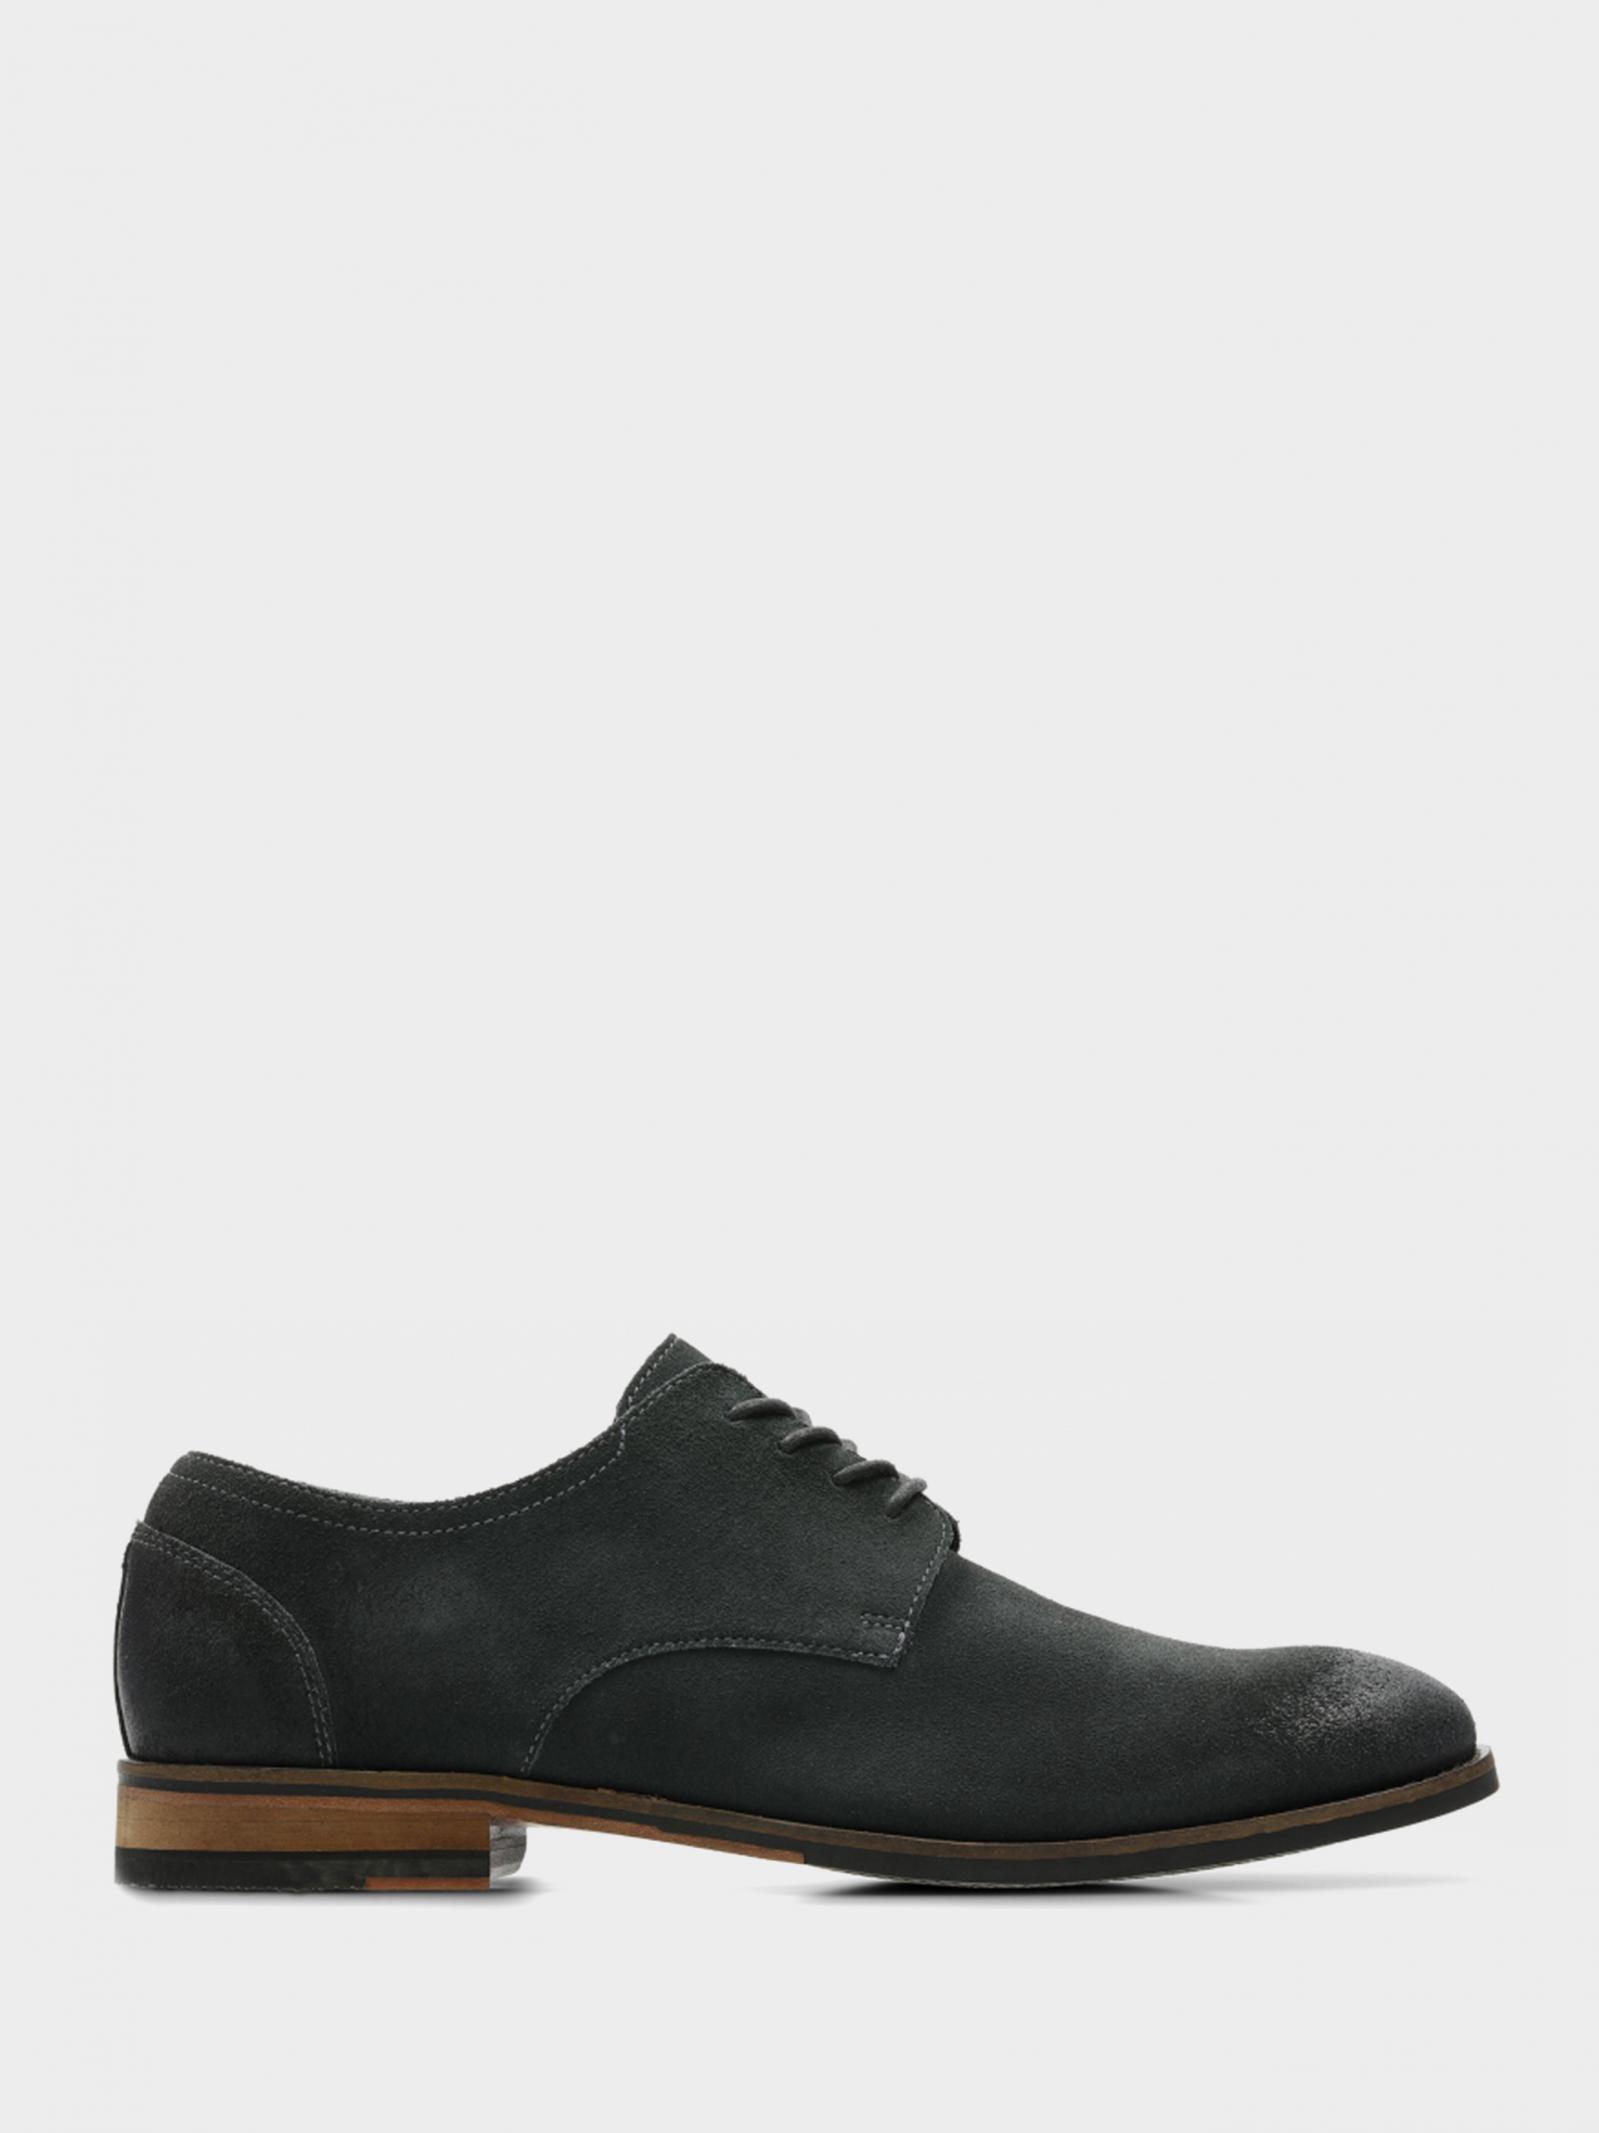 Туфли мужские Clarks Flow Plain OM2923 модная обувь, 2017